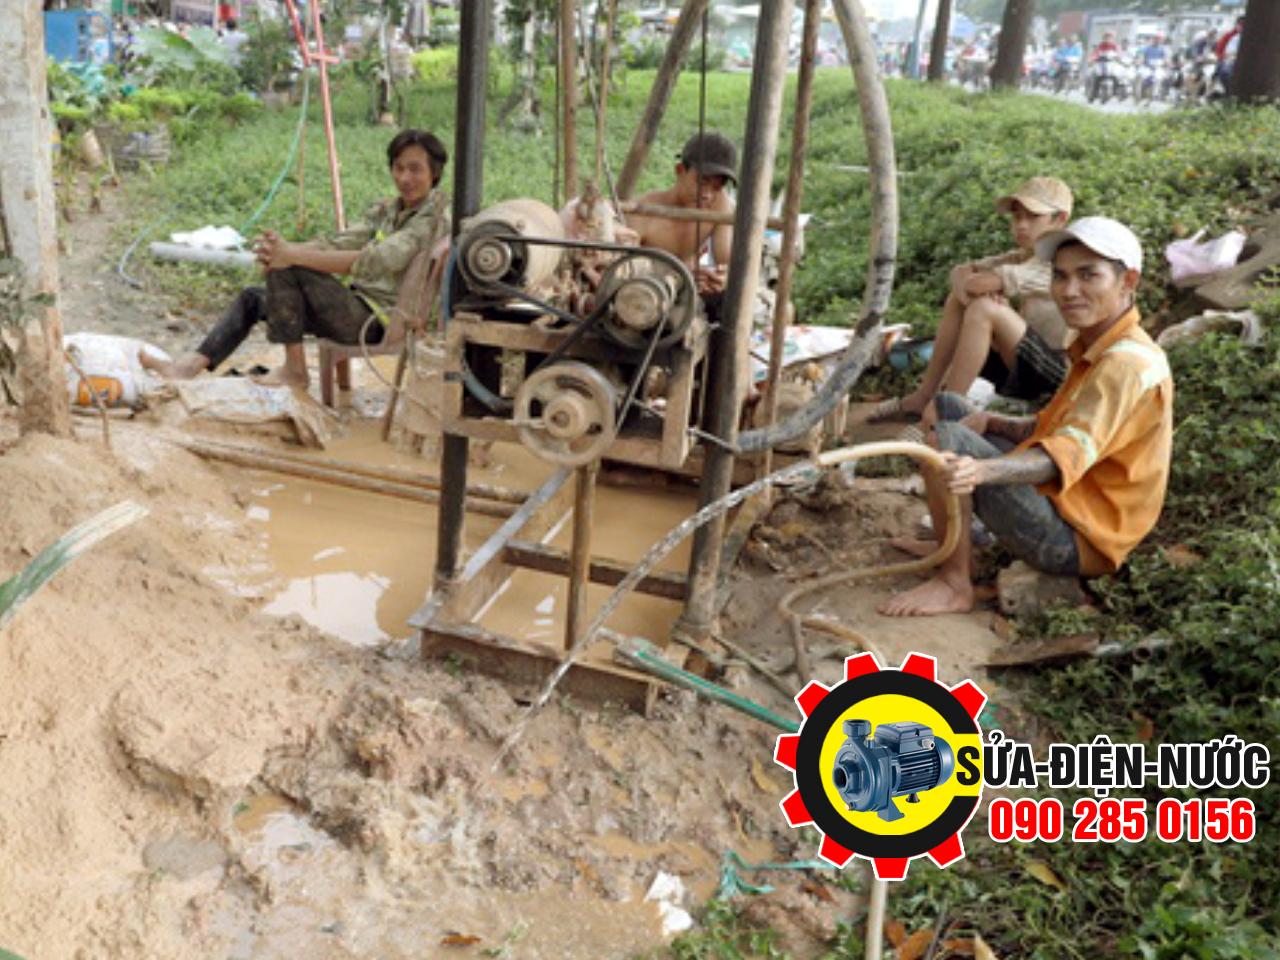 Thợ Khoan Giếng Nước Tại Huyện Bình Chánh phục vụ 24/7